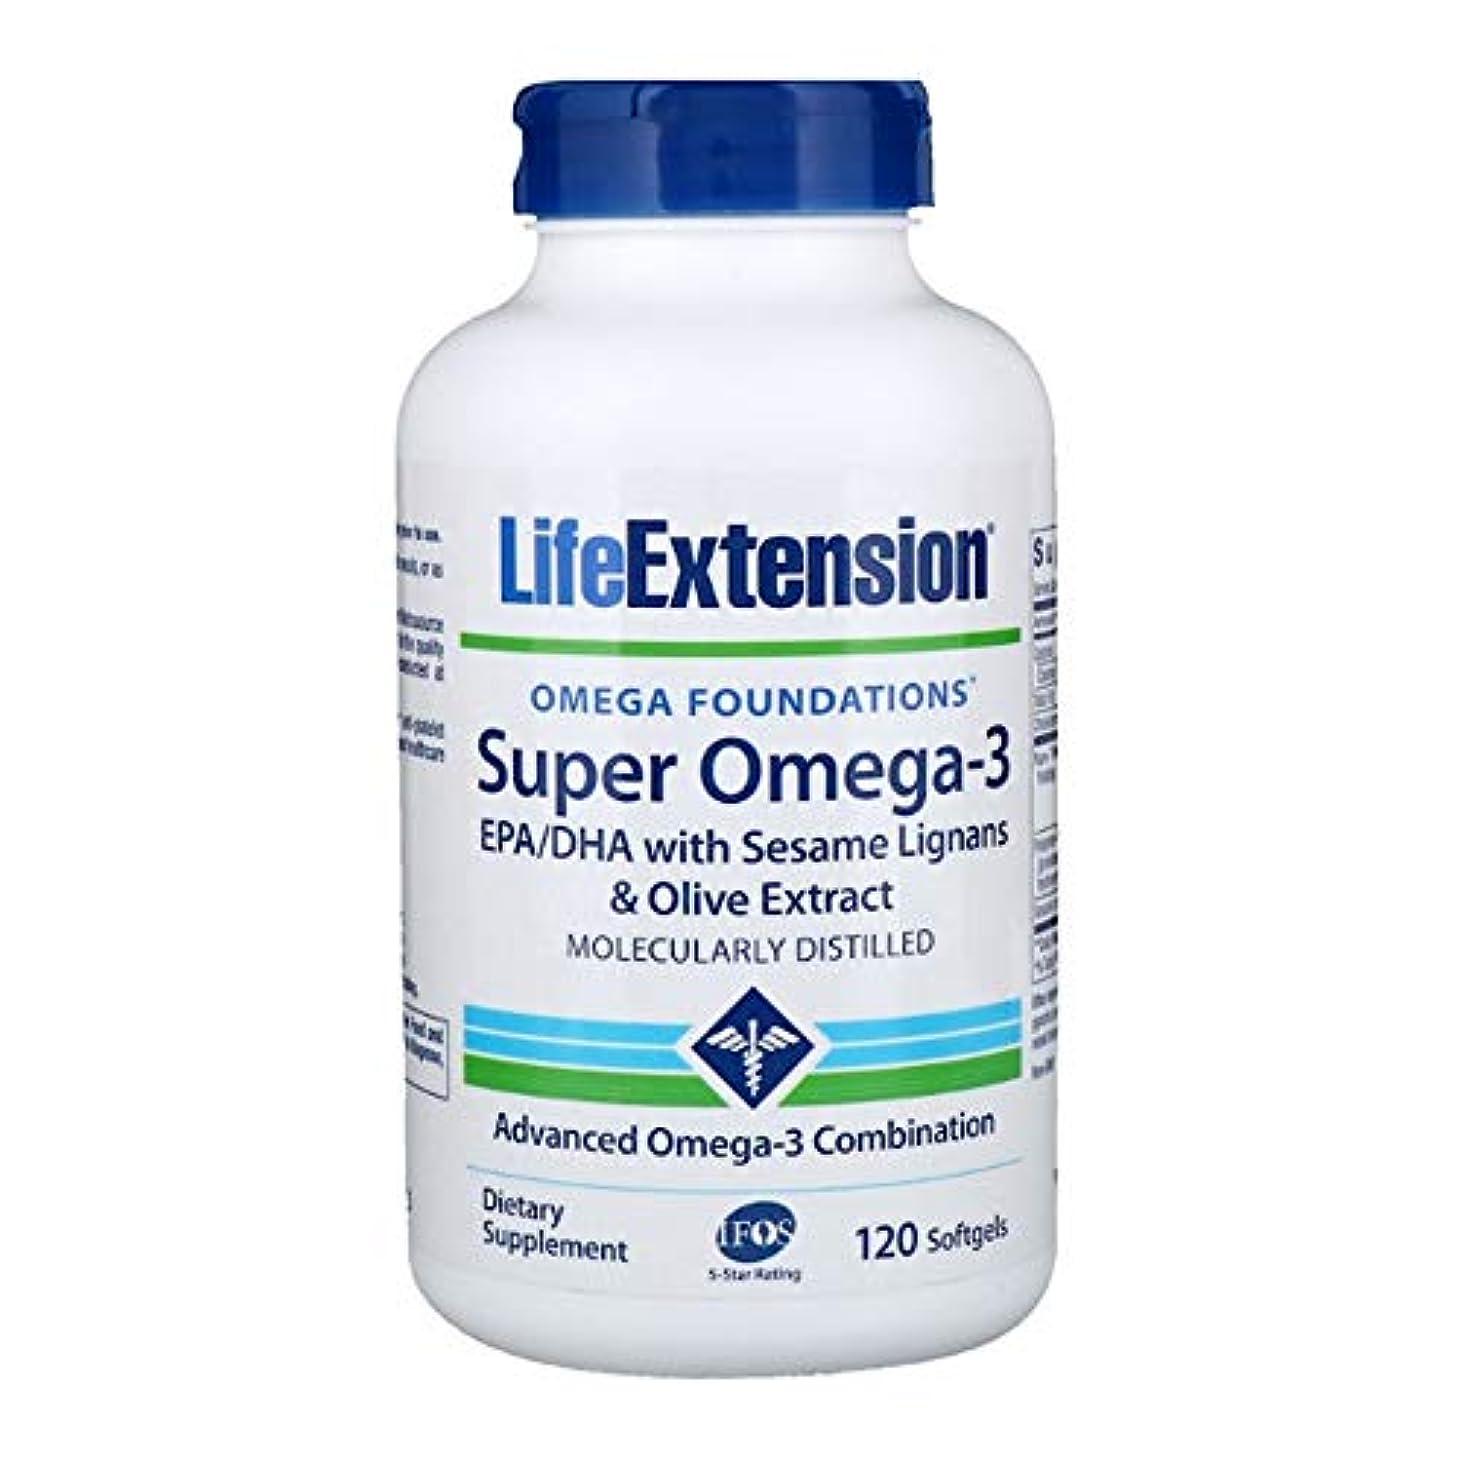 レタス義務付けられたママLife Extension Omega Foundations Super Omega 3 120 ソフトジェルカプセル 【アメリカ直送】